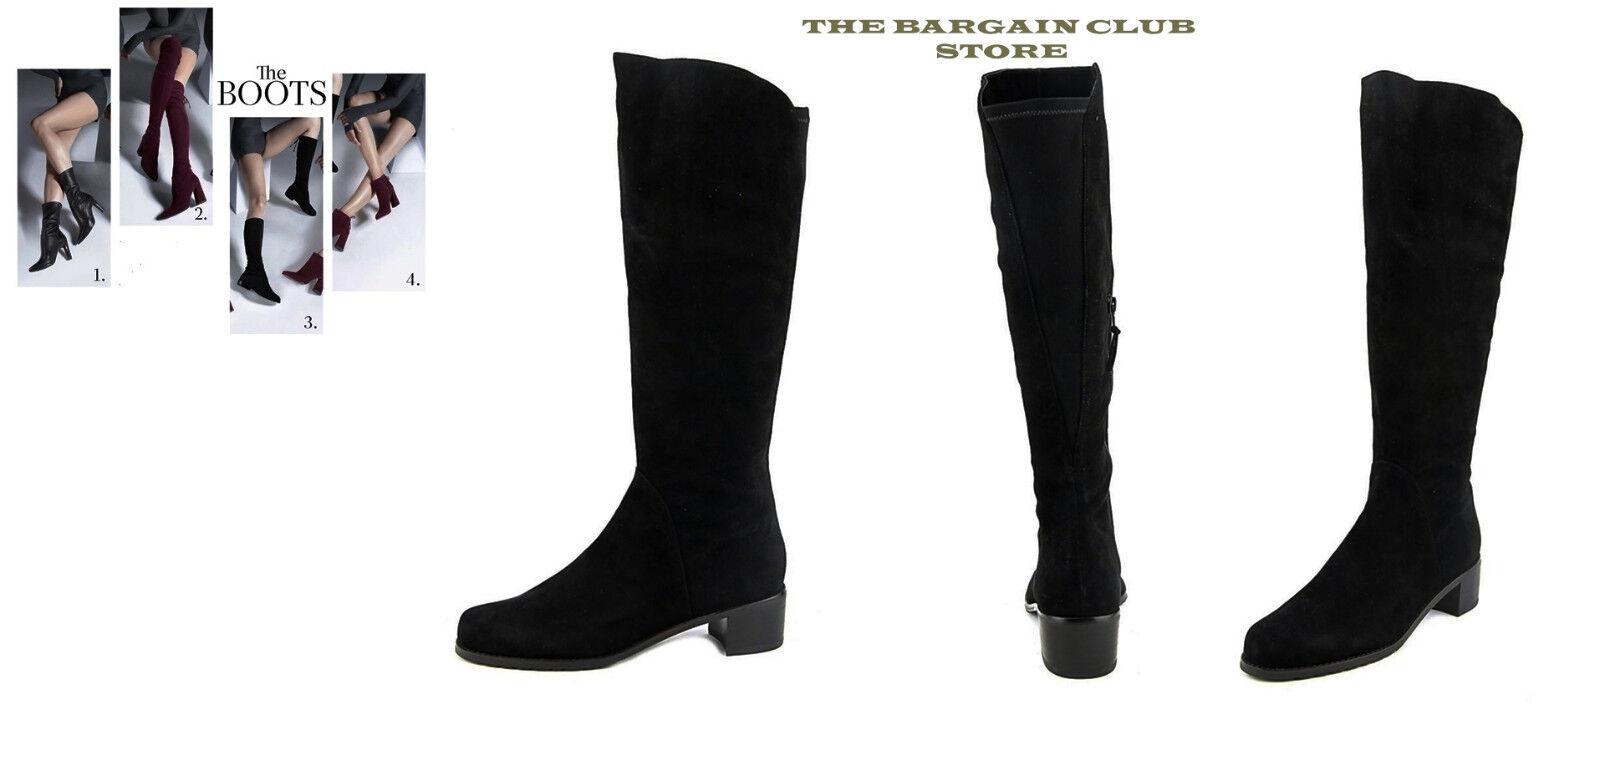 Stuart Weitzman Boots Black Villepentagon Knee-High Boots 5.5, 8, 8.5